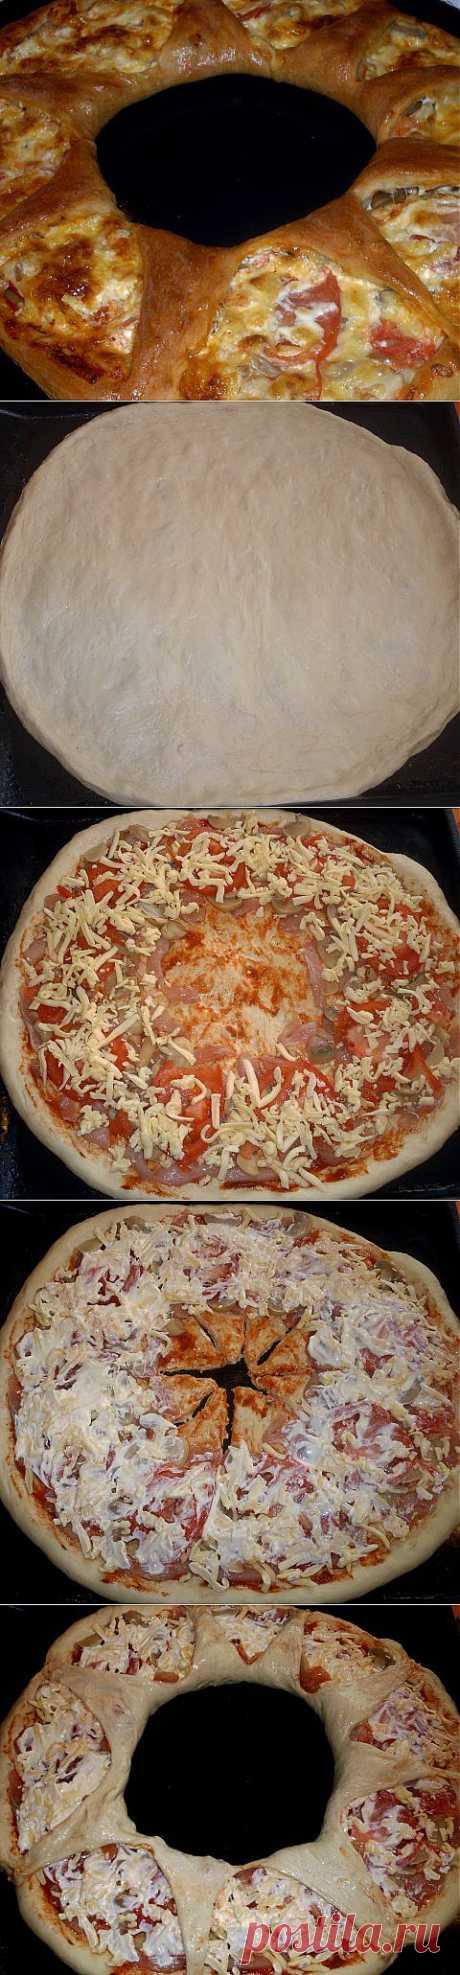 Открытый пирог-венок или НЕ пицца | Четыре вкуса